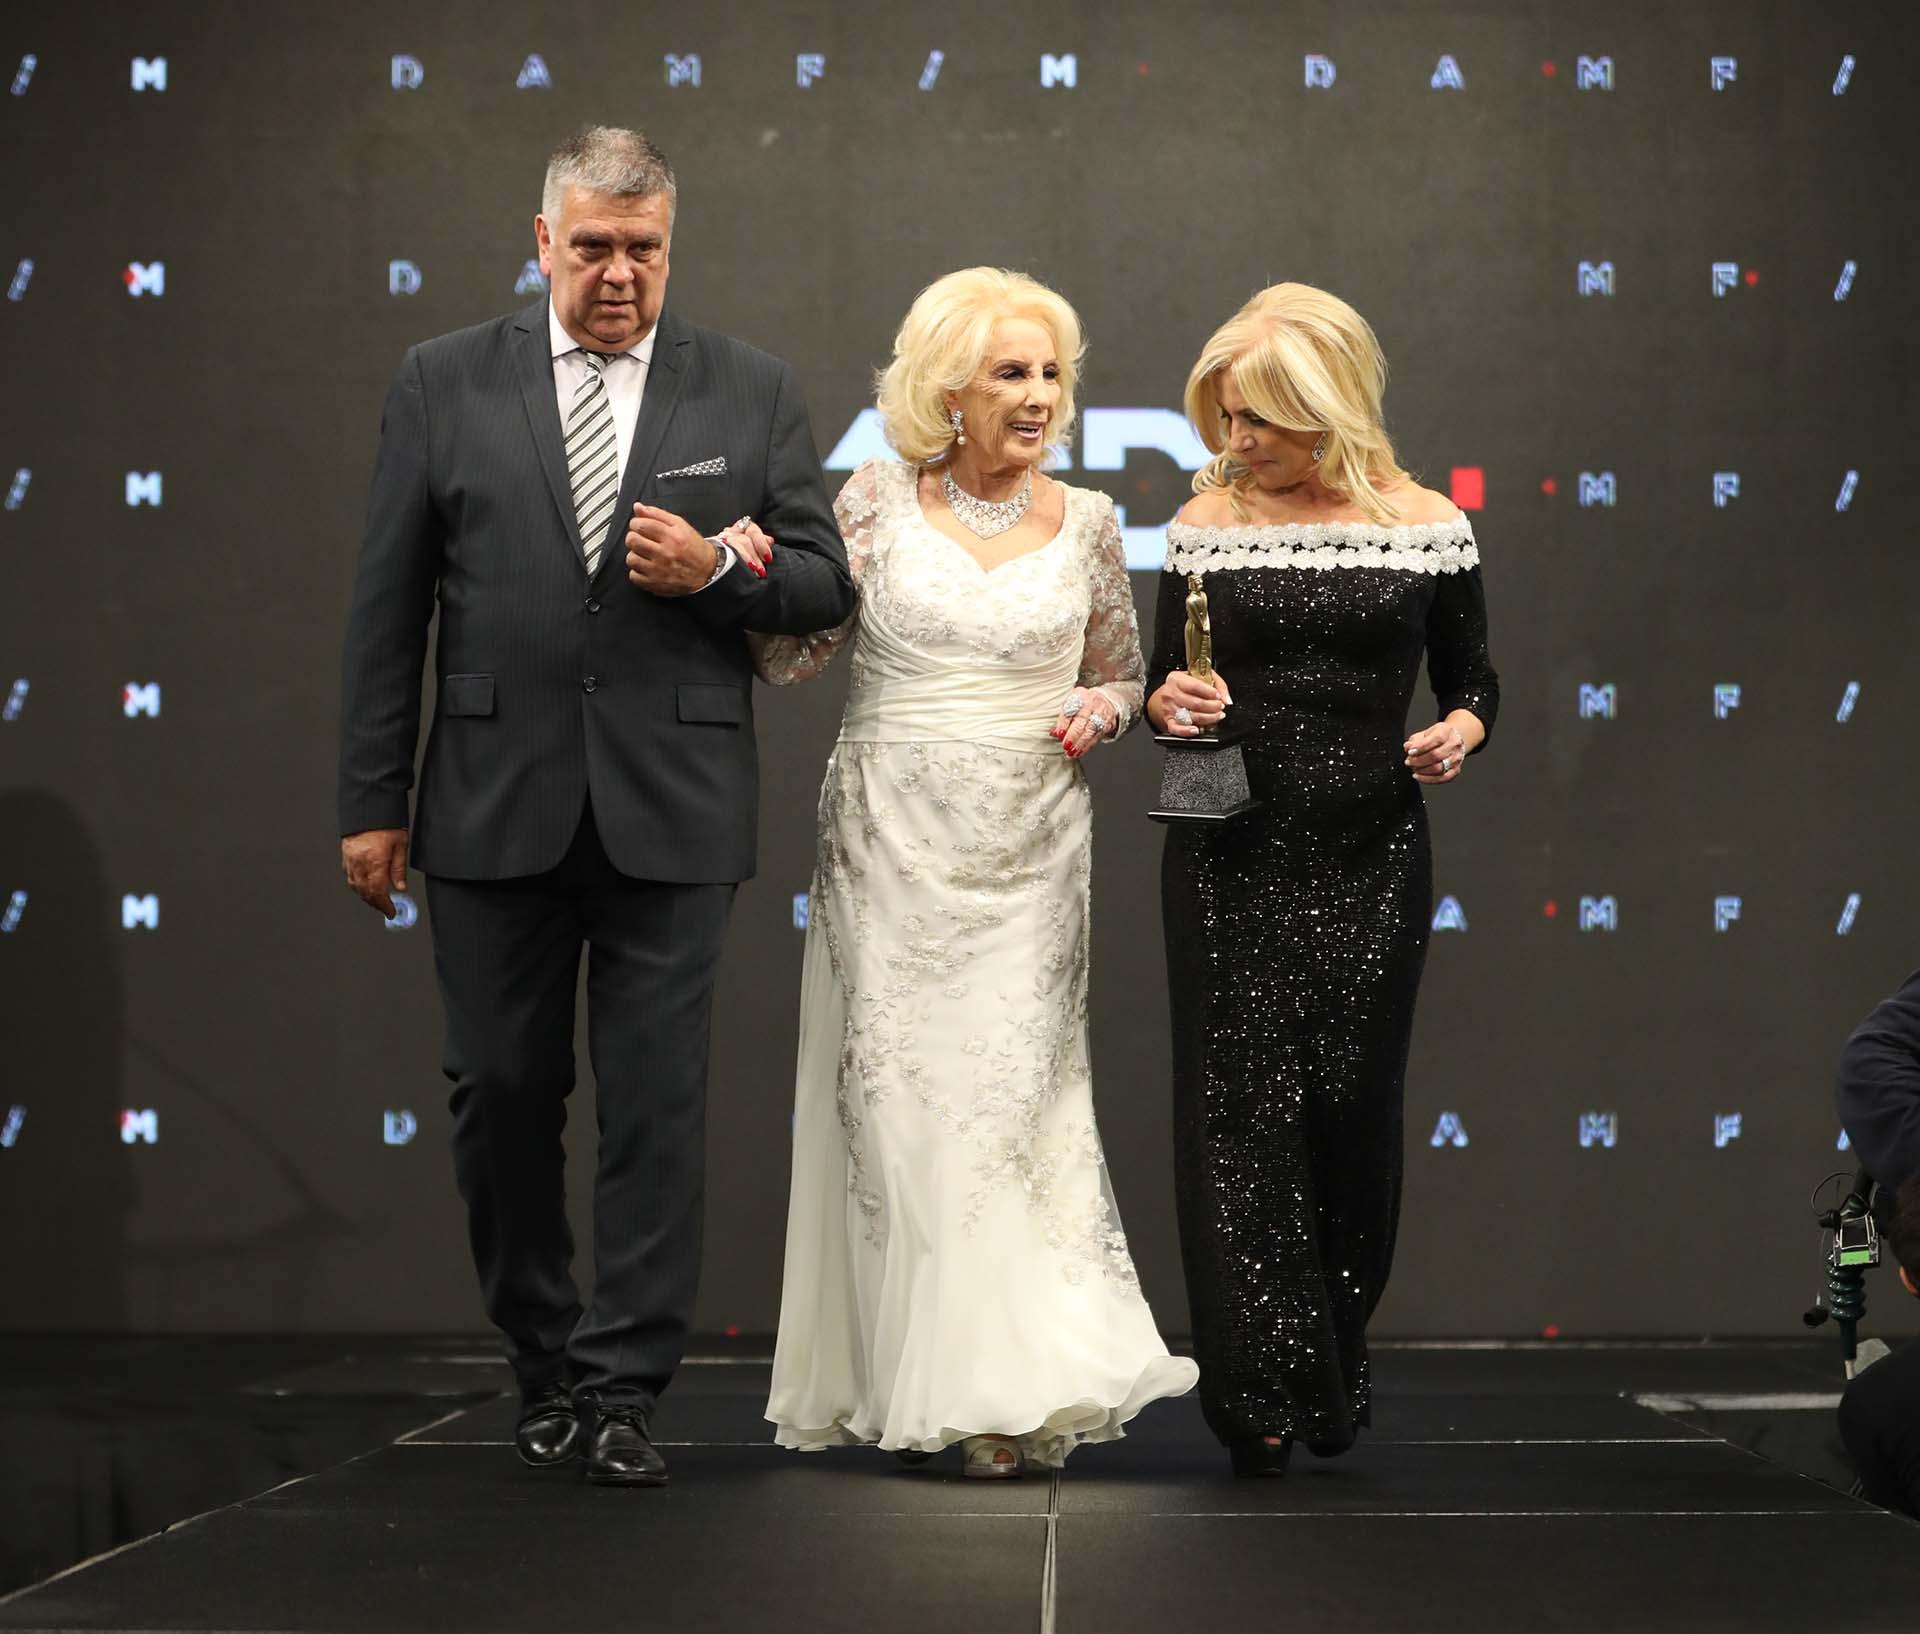 Mirtha sobre el escenario junto a Luis Ventura -presidente de APTRA- y Susana Roccasalvo